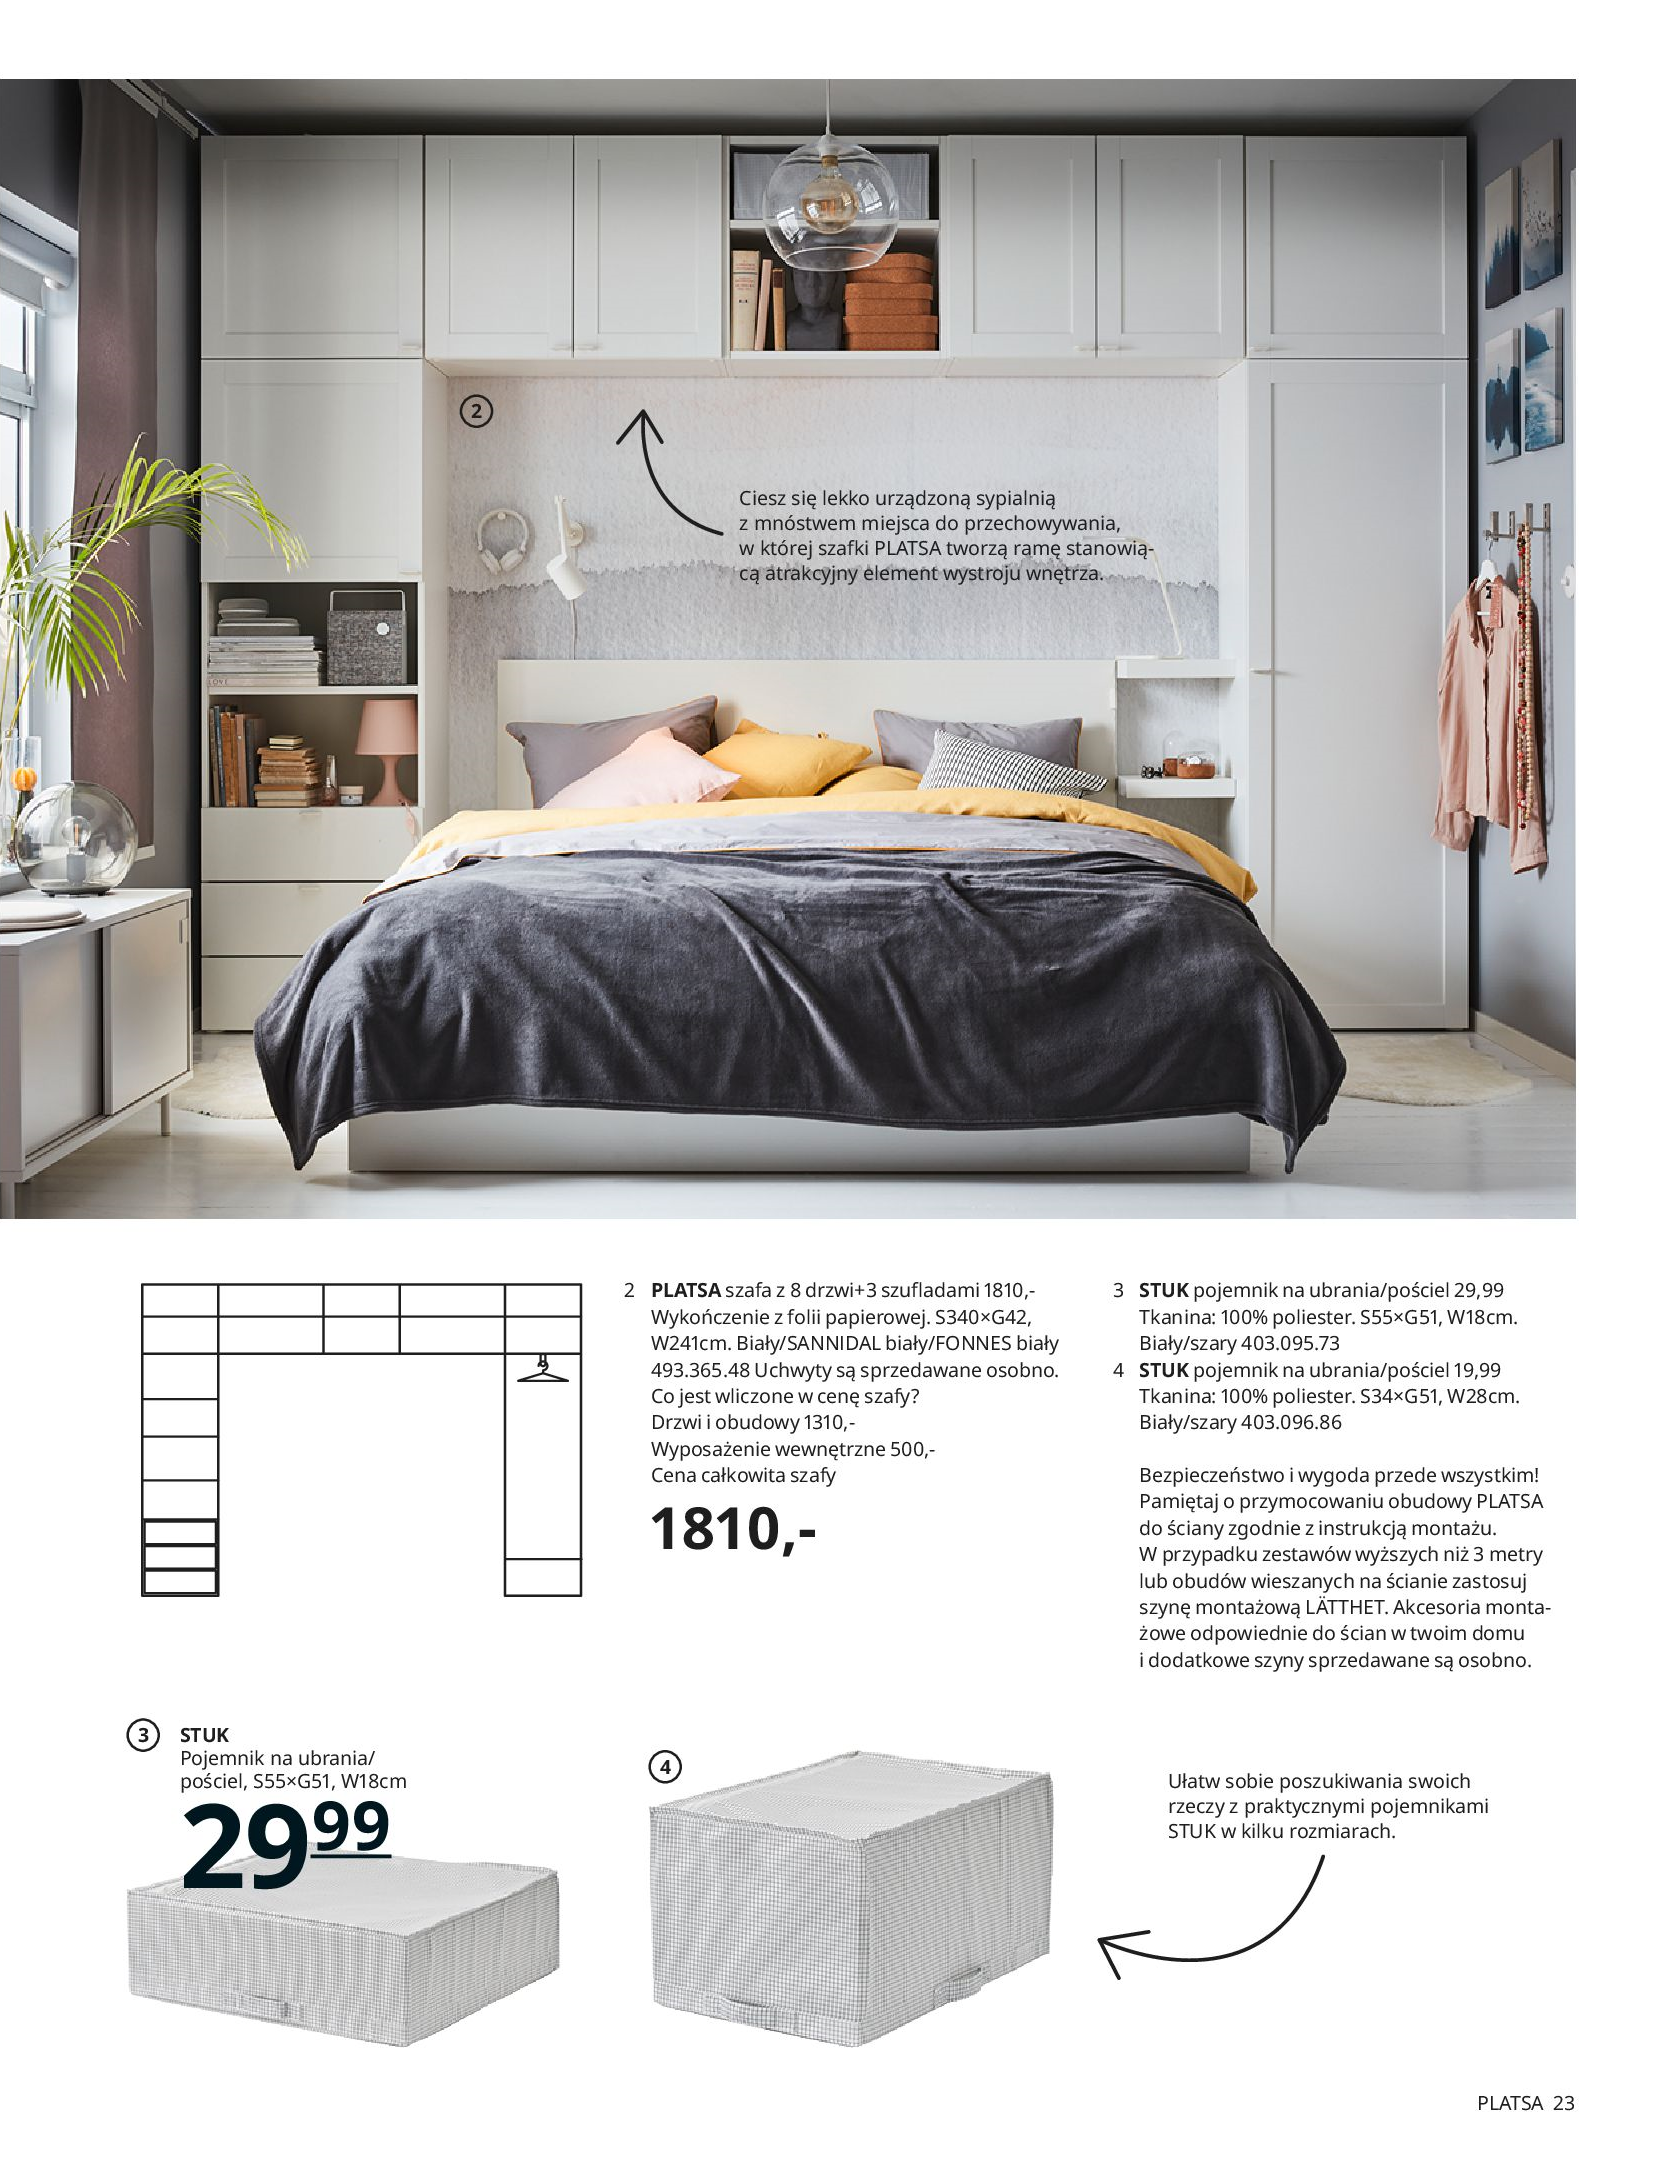 Gazetka IKEA: SZAFY 2021 2021-01-13 page-23